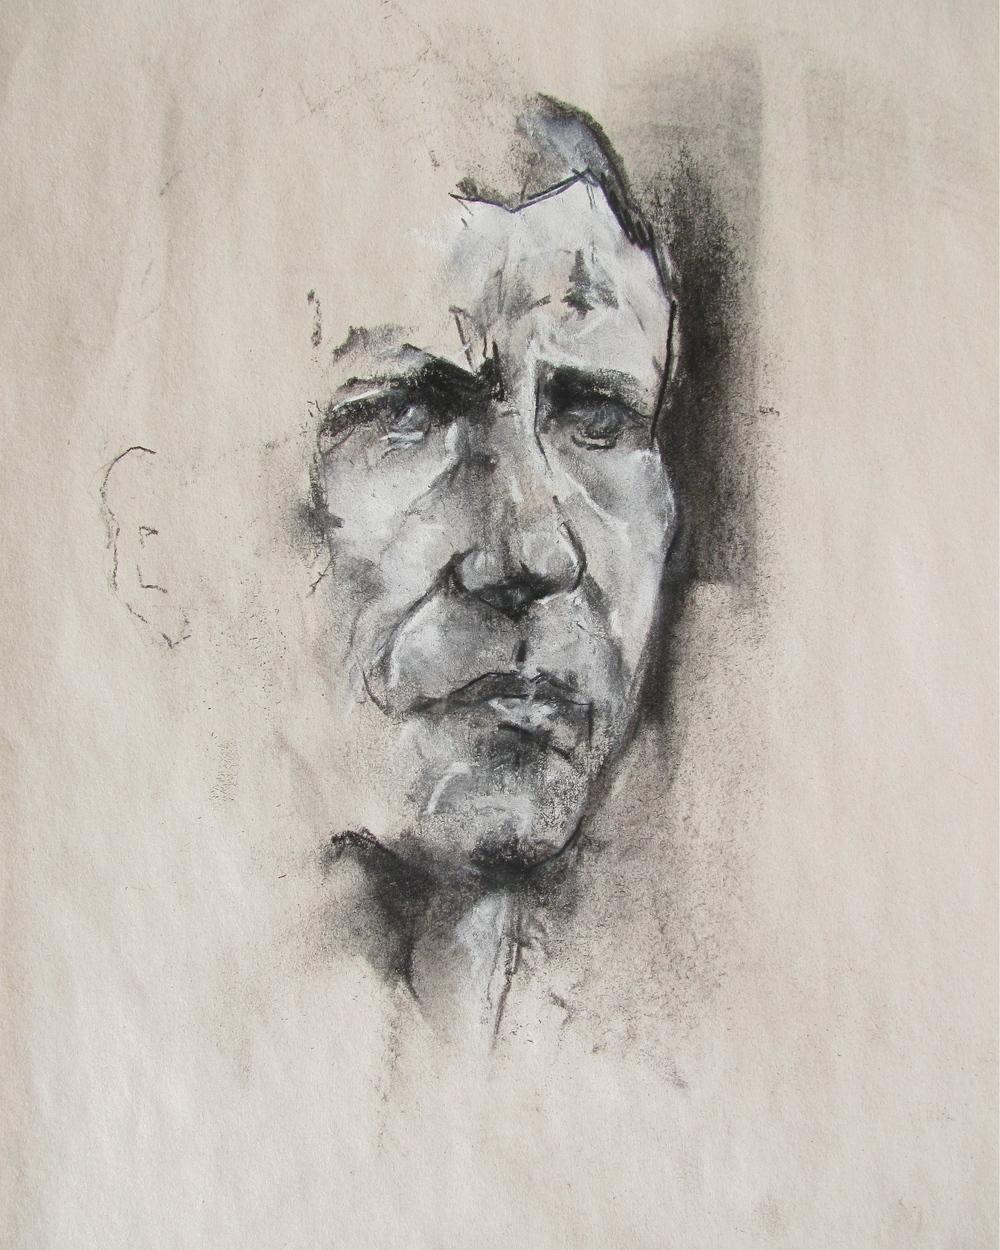 60th St. Portrait #17